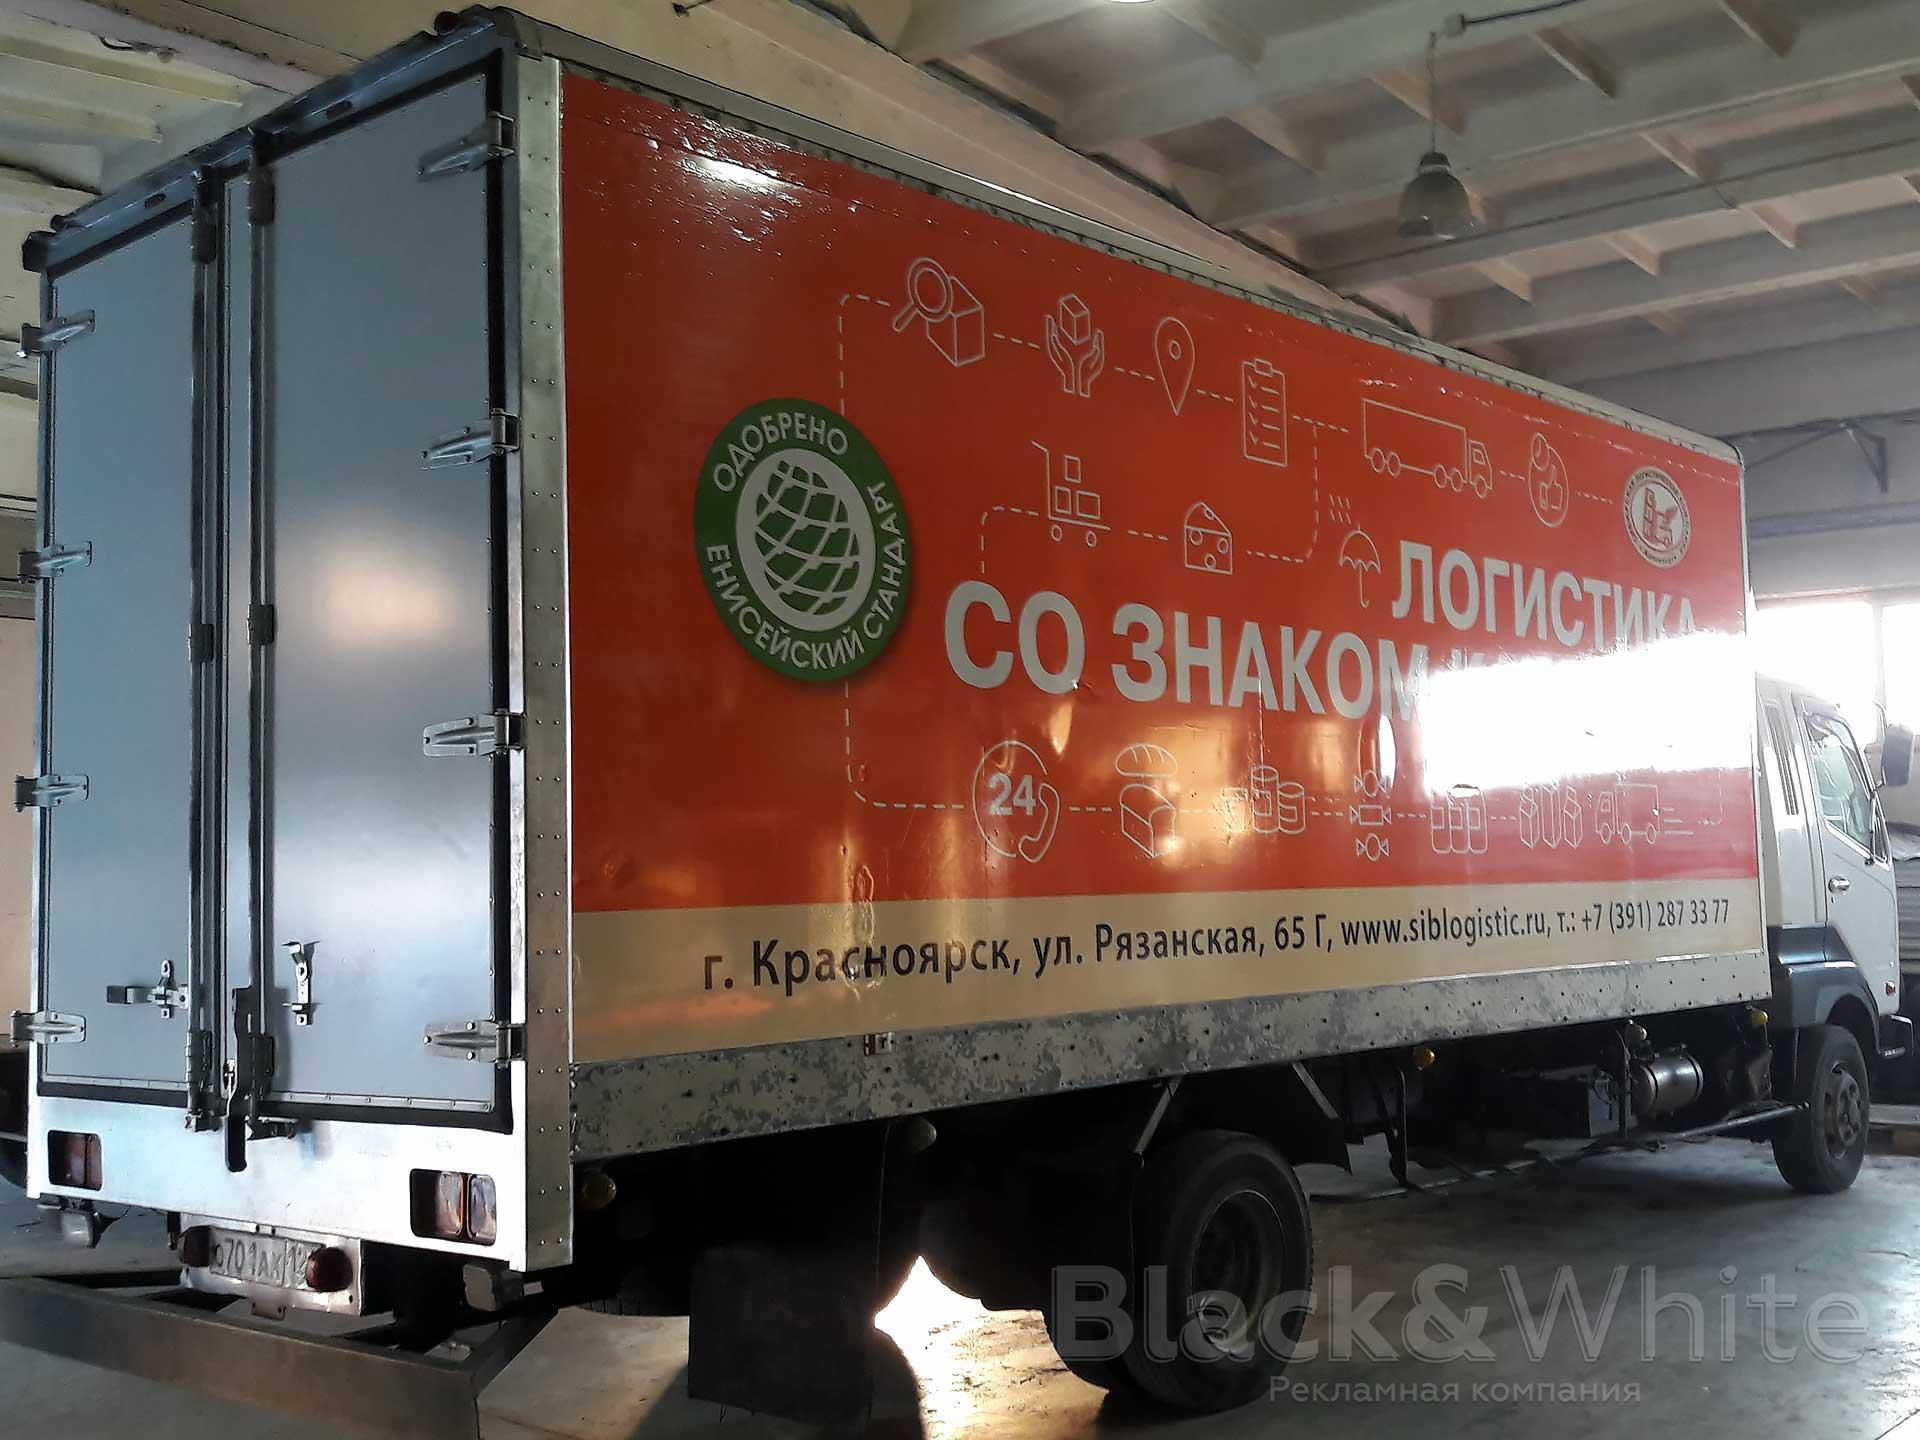 Брендирование-грузовых-автомобилей-виниловой-плёнкой-в-красноярске.jpg